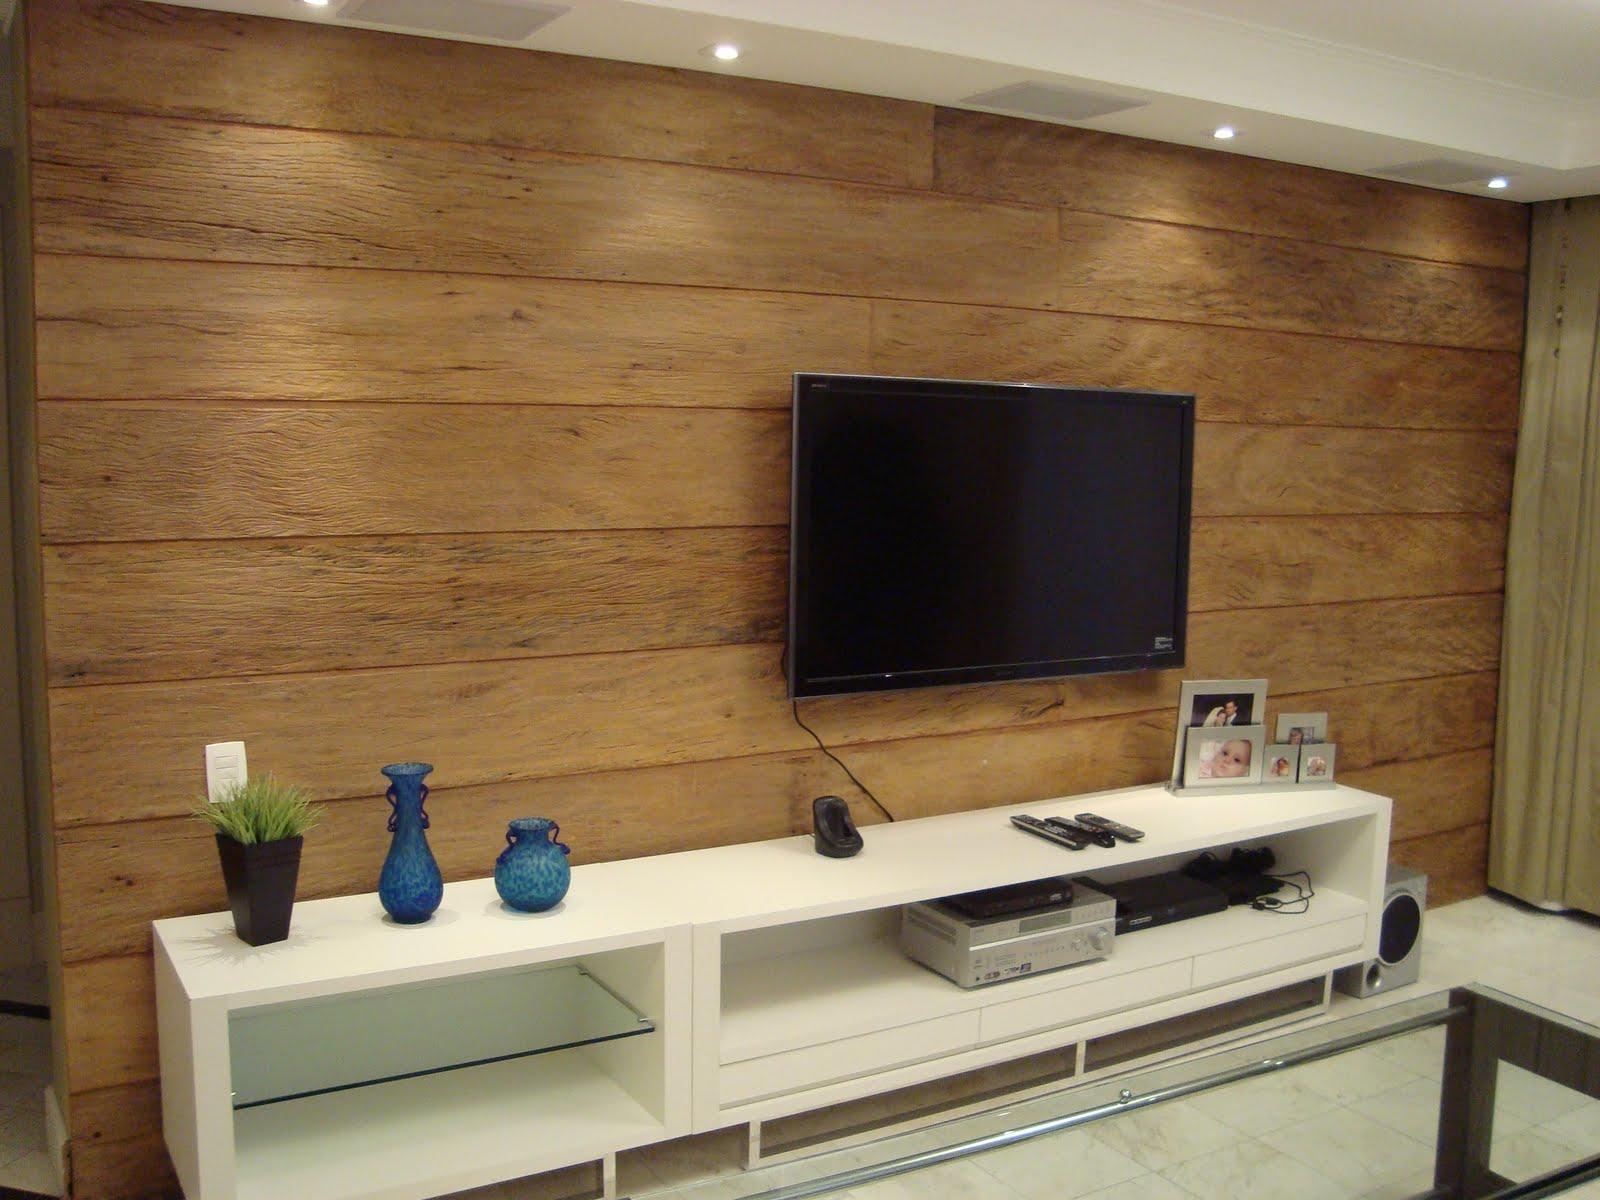 Aqui disponibilizamos fotos de ambientes decorados por profissionais  #254262 1600 1200